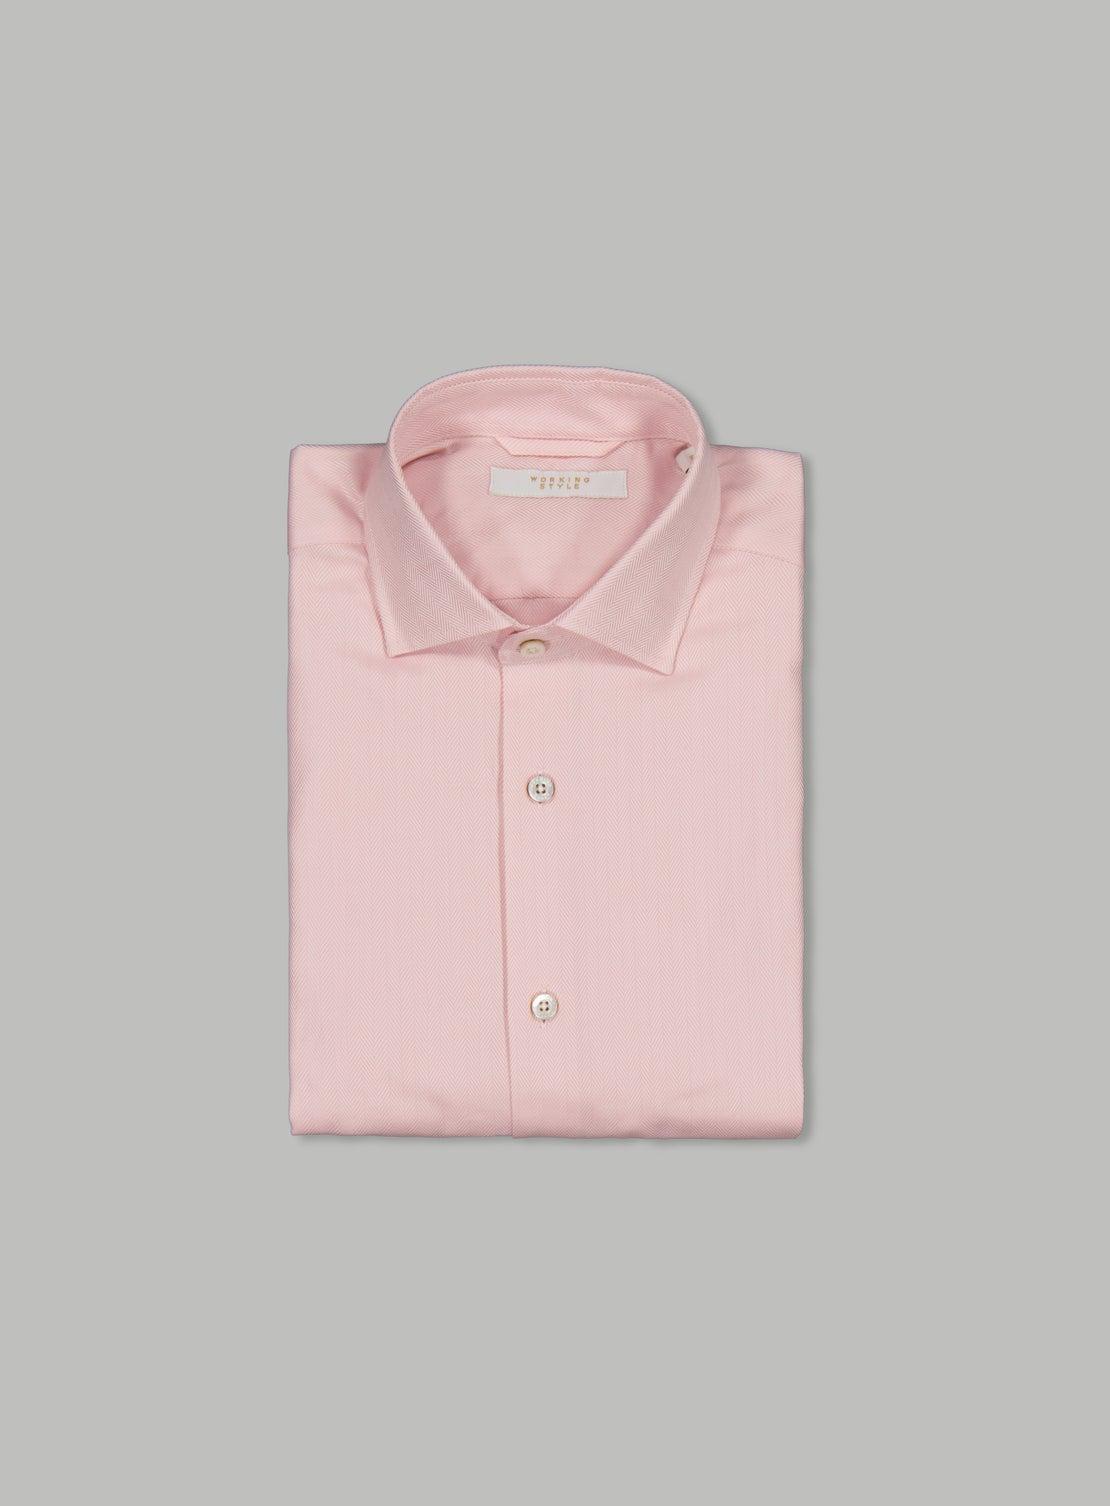 Luxe Pink Herringbone Twill Shirt